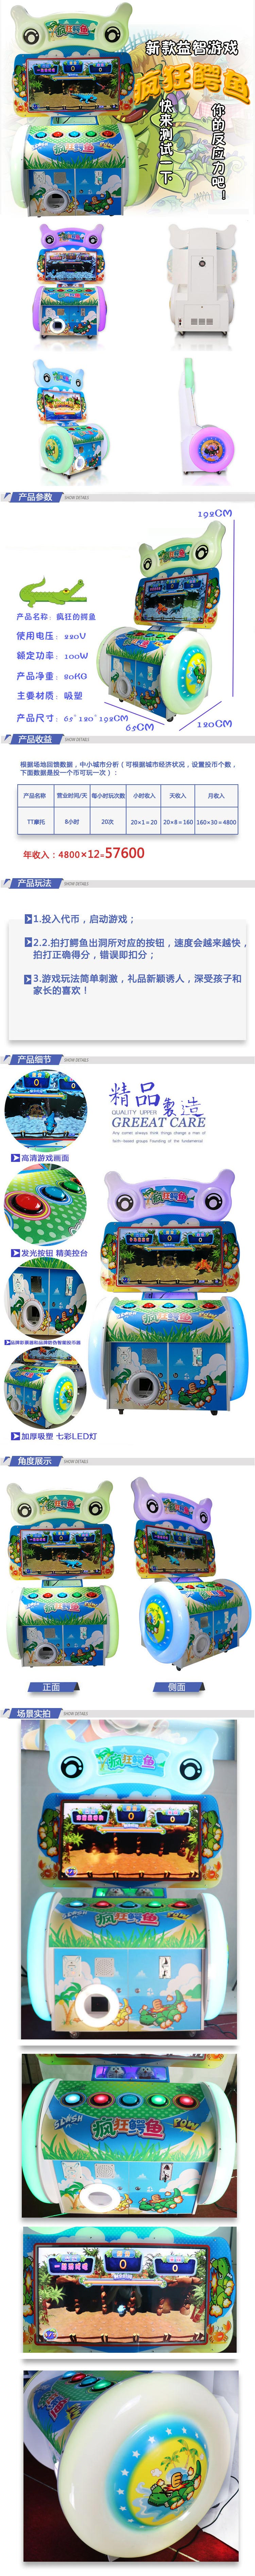 疯狂鳄鱼儿童娱乐机